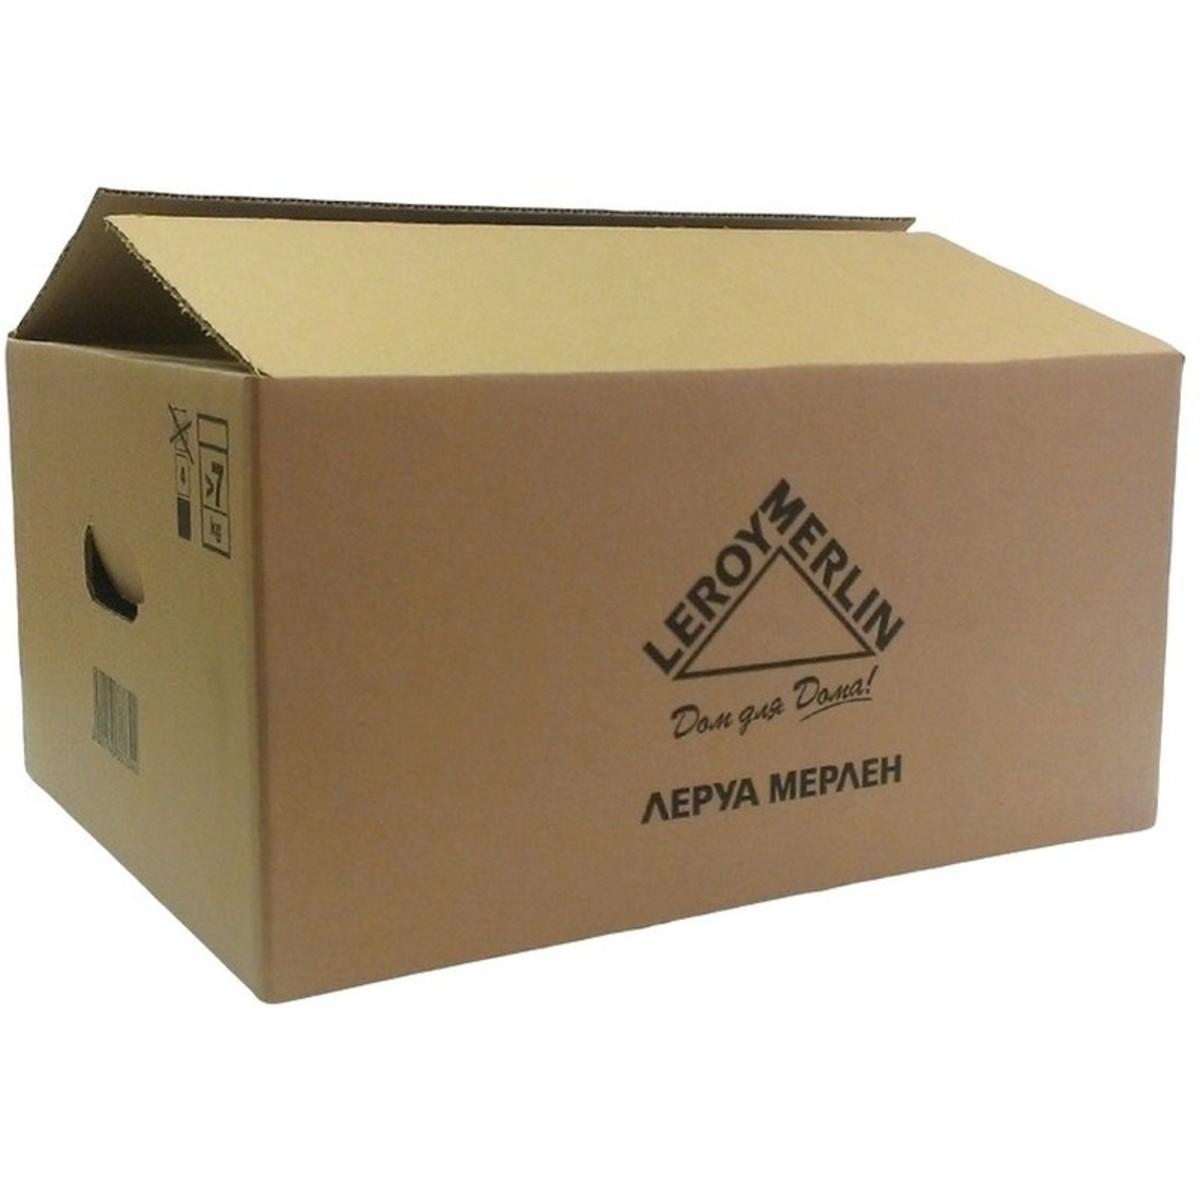 Короб для переезда 50х40х25 см картон